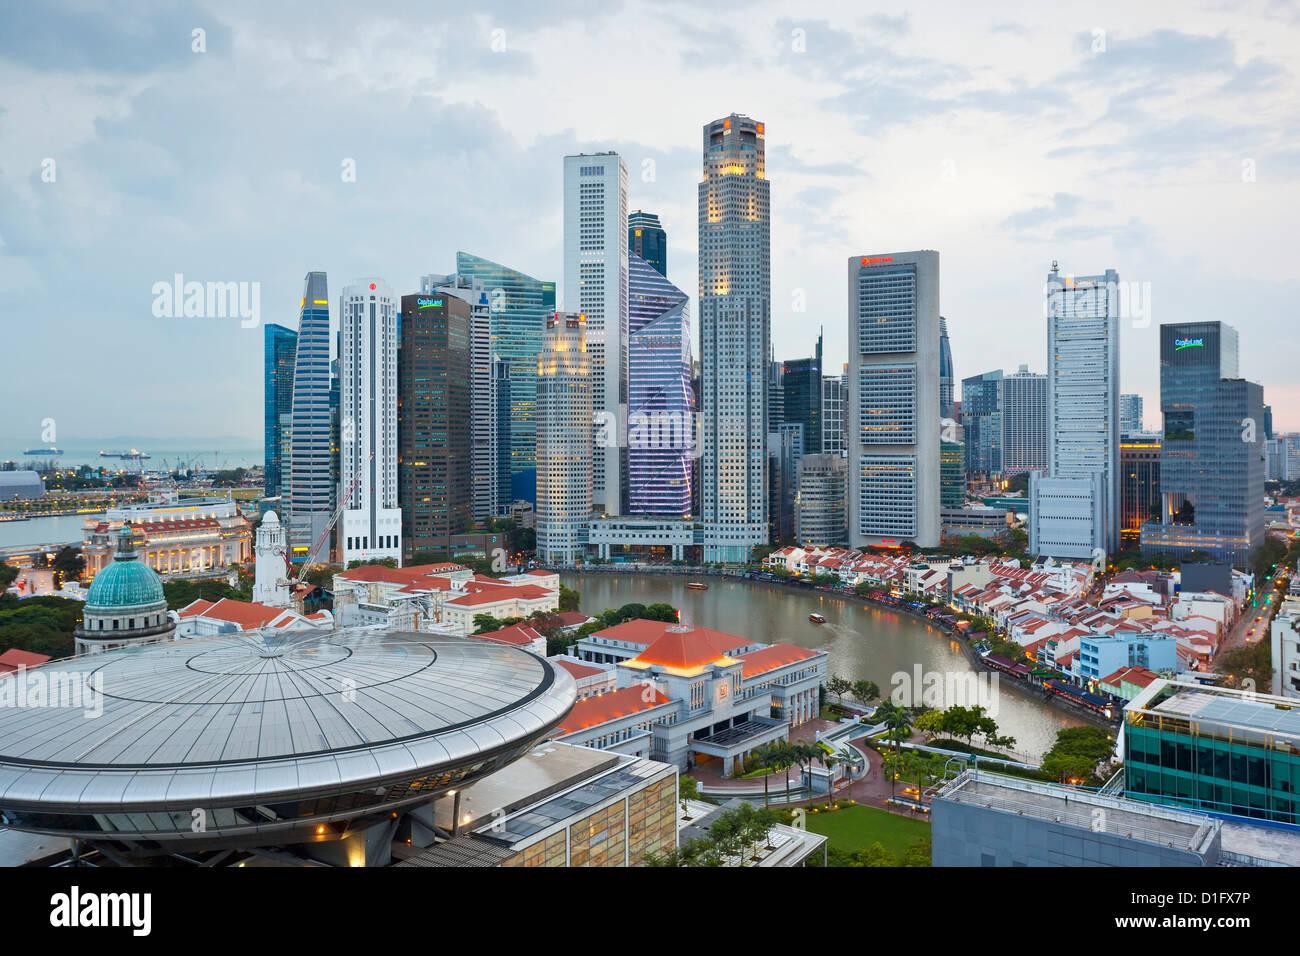 Skyline und Financial District in der Morgendämmerung, Singapur, Südostasien, Asien Stockbild